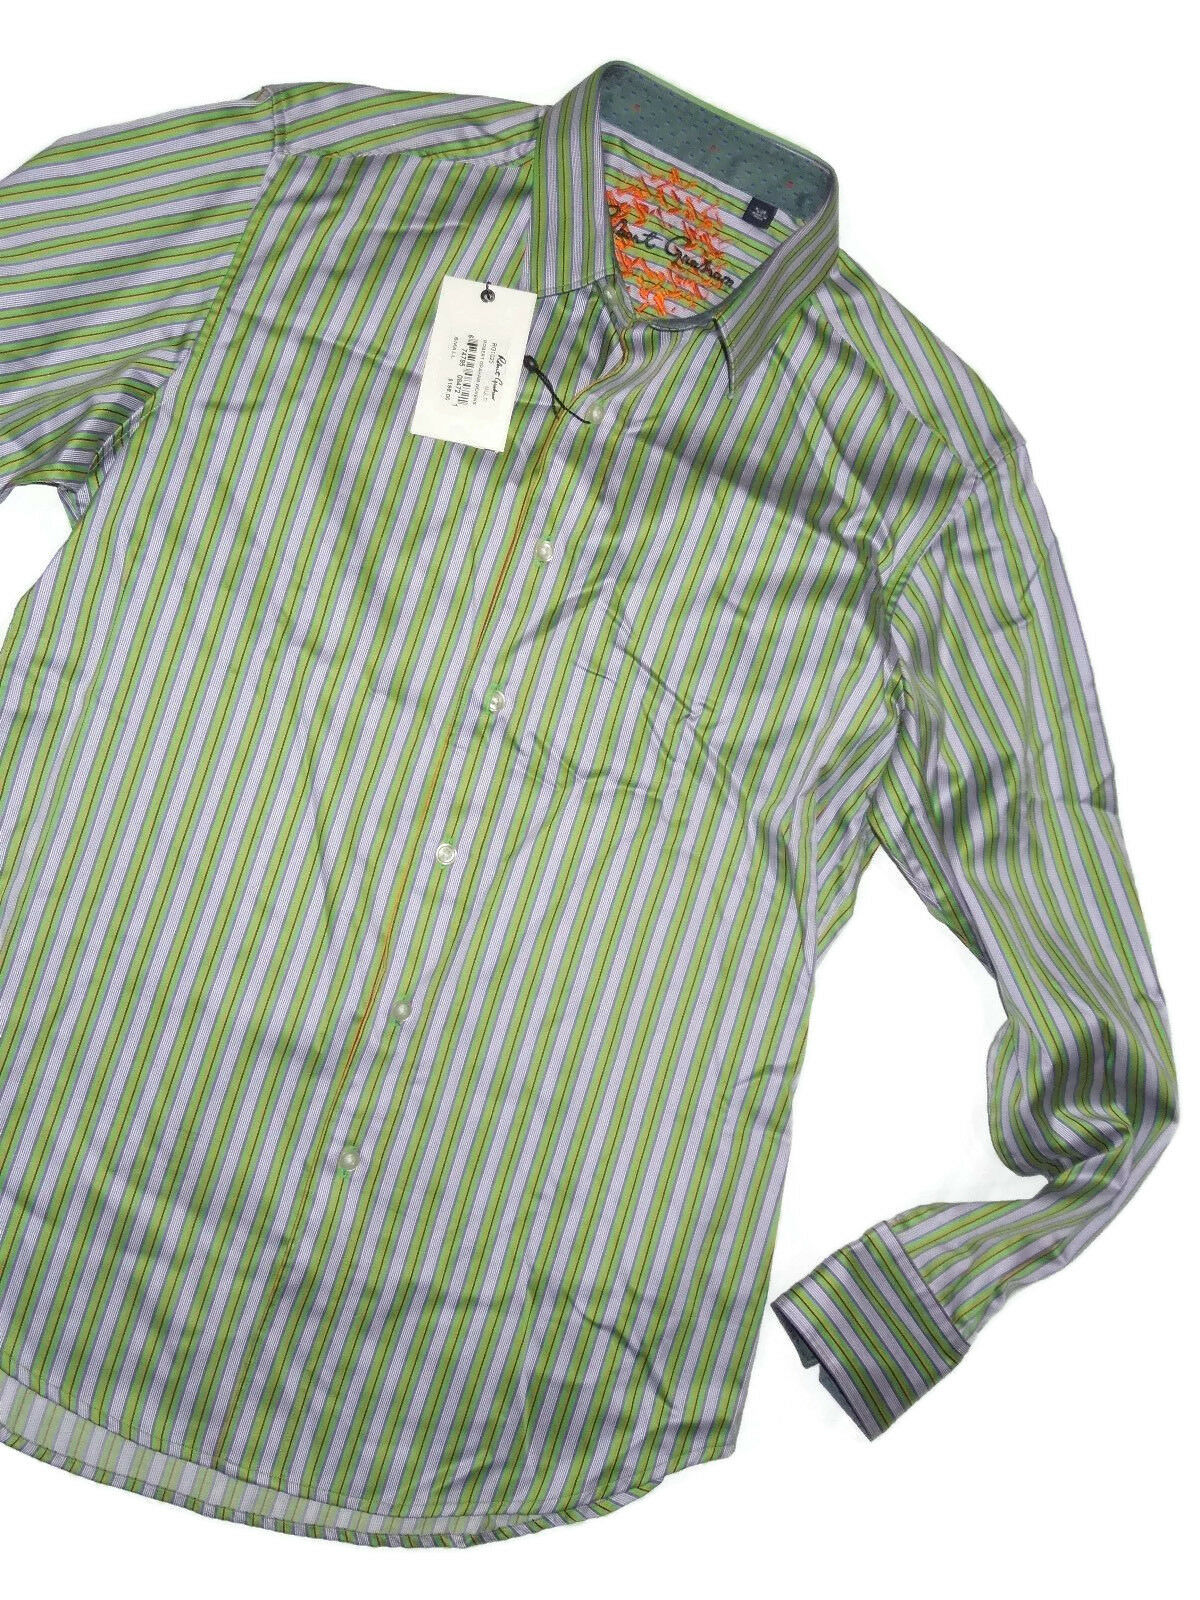 Robert Graham men's long sleeve green & purplec stripe dress shirt SMALL rt